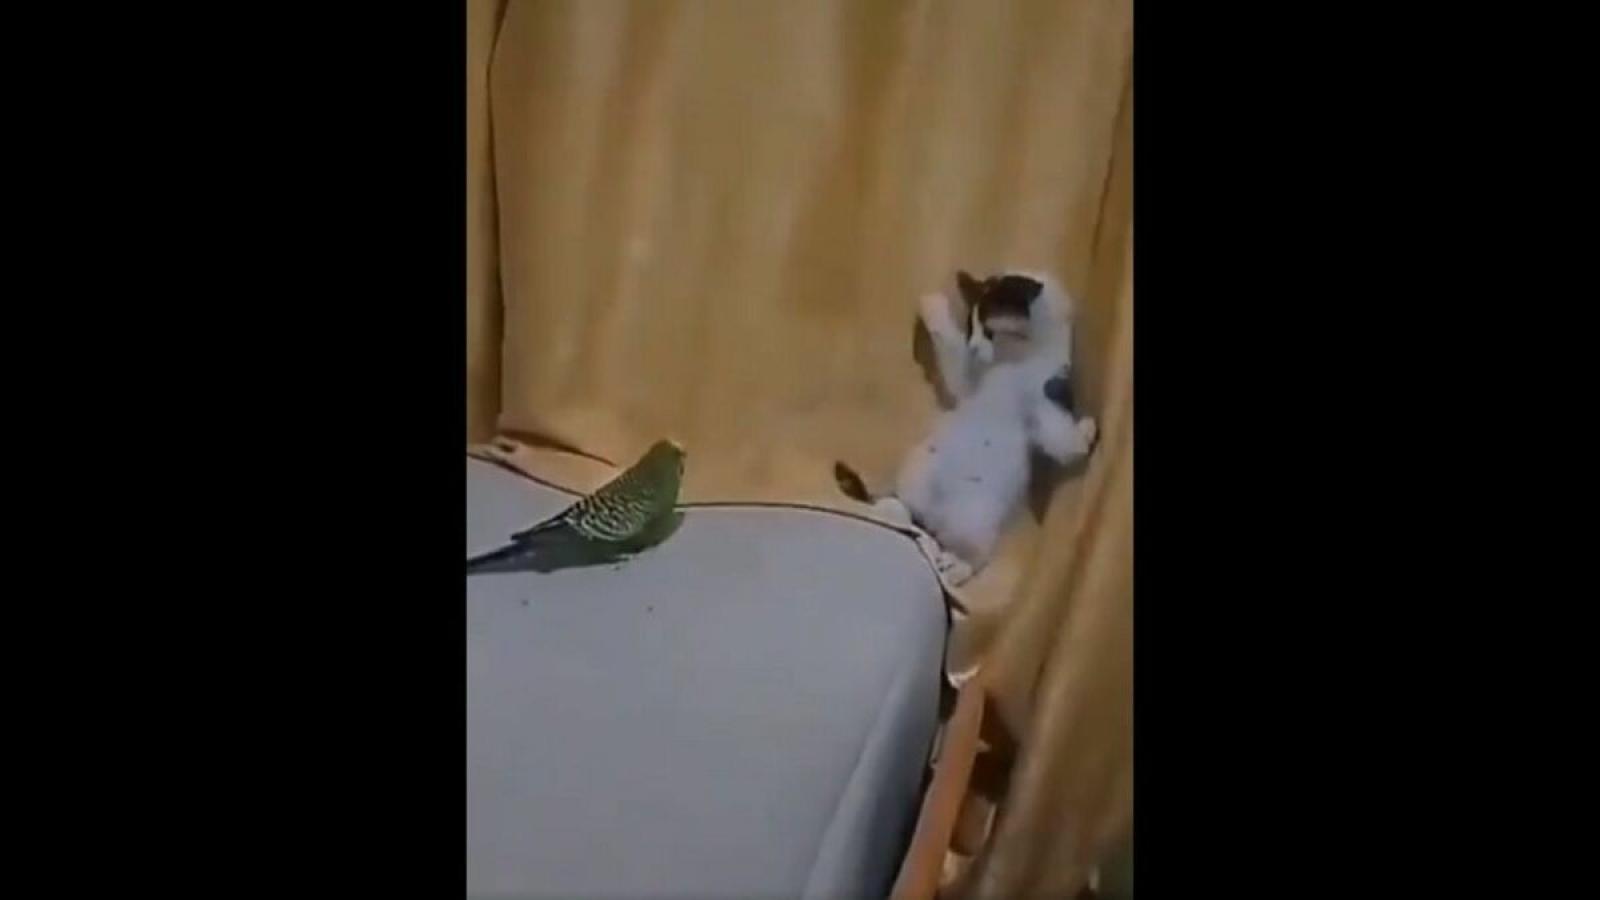 Video: Mèo con hoảng hốt né tránh khi vẹt đuôi dài đến gần